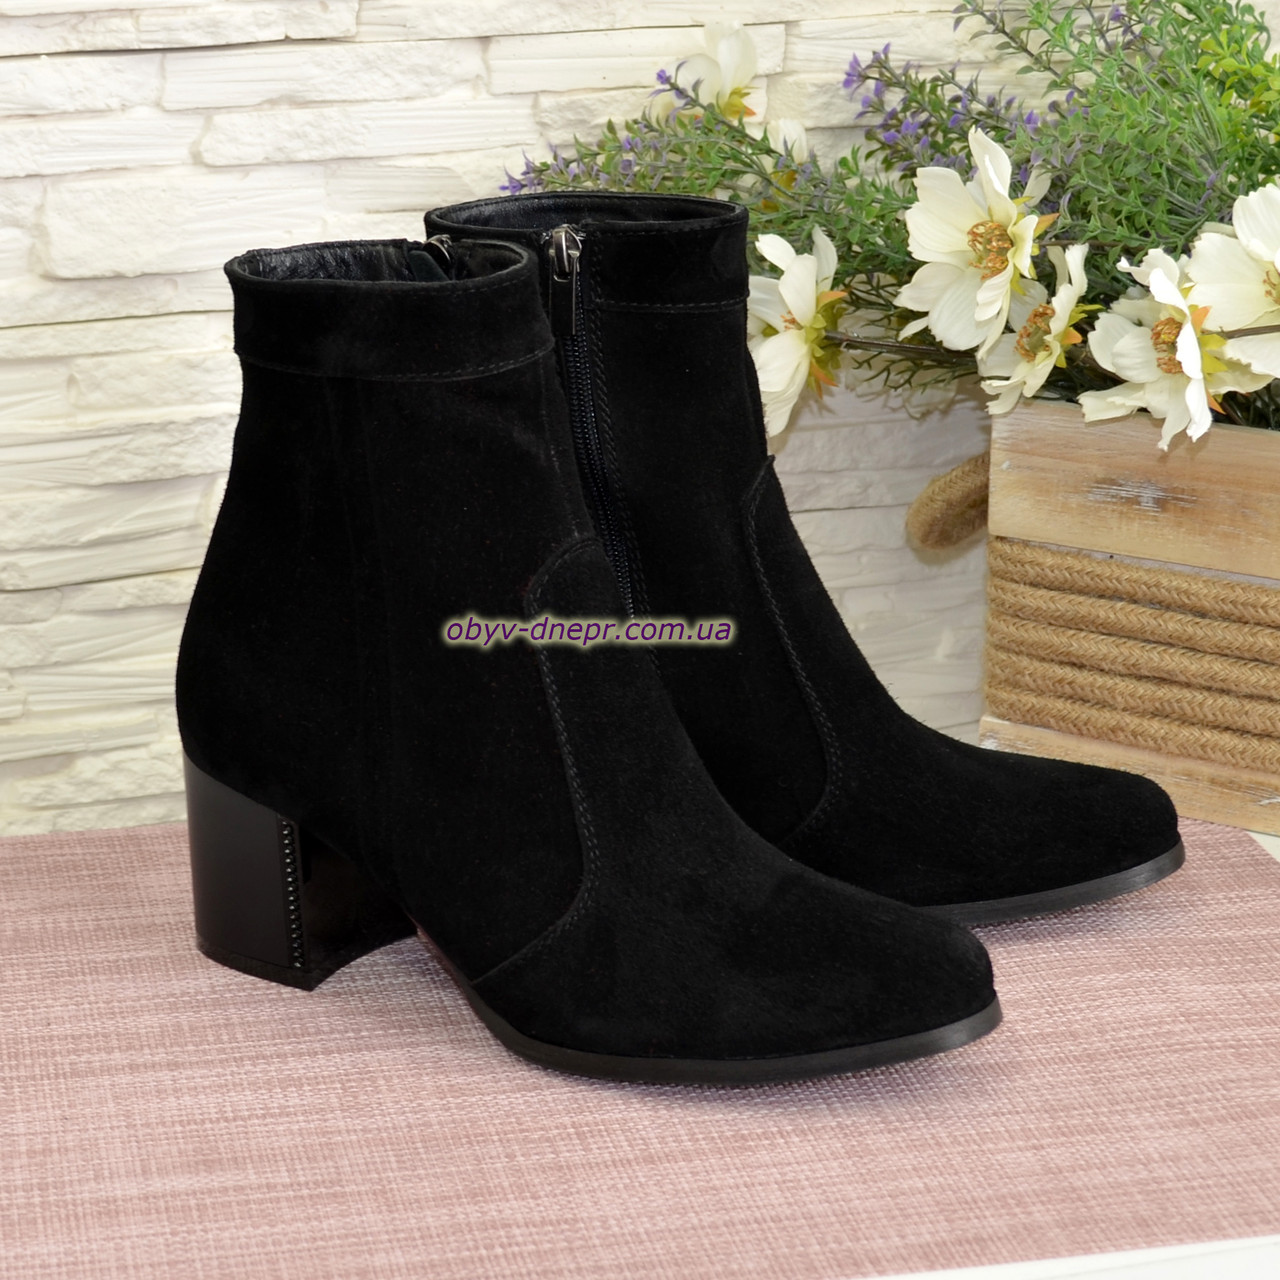 Ботинки женские демисезонные на невысоком каблуке, натуральная замша черного цвета